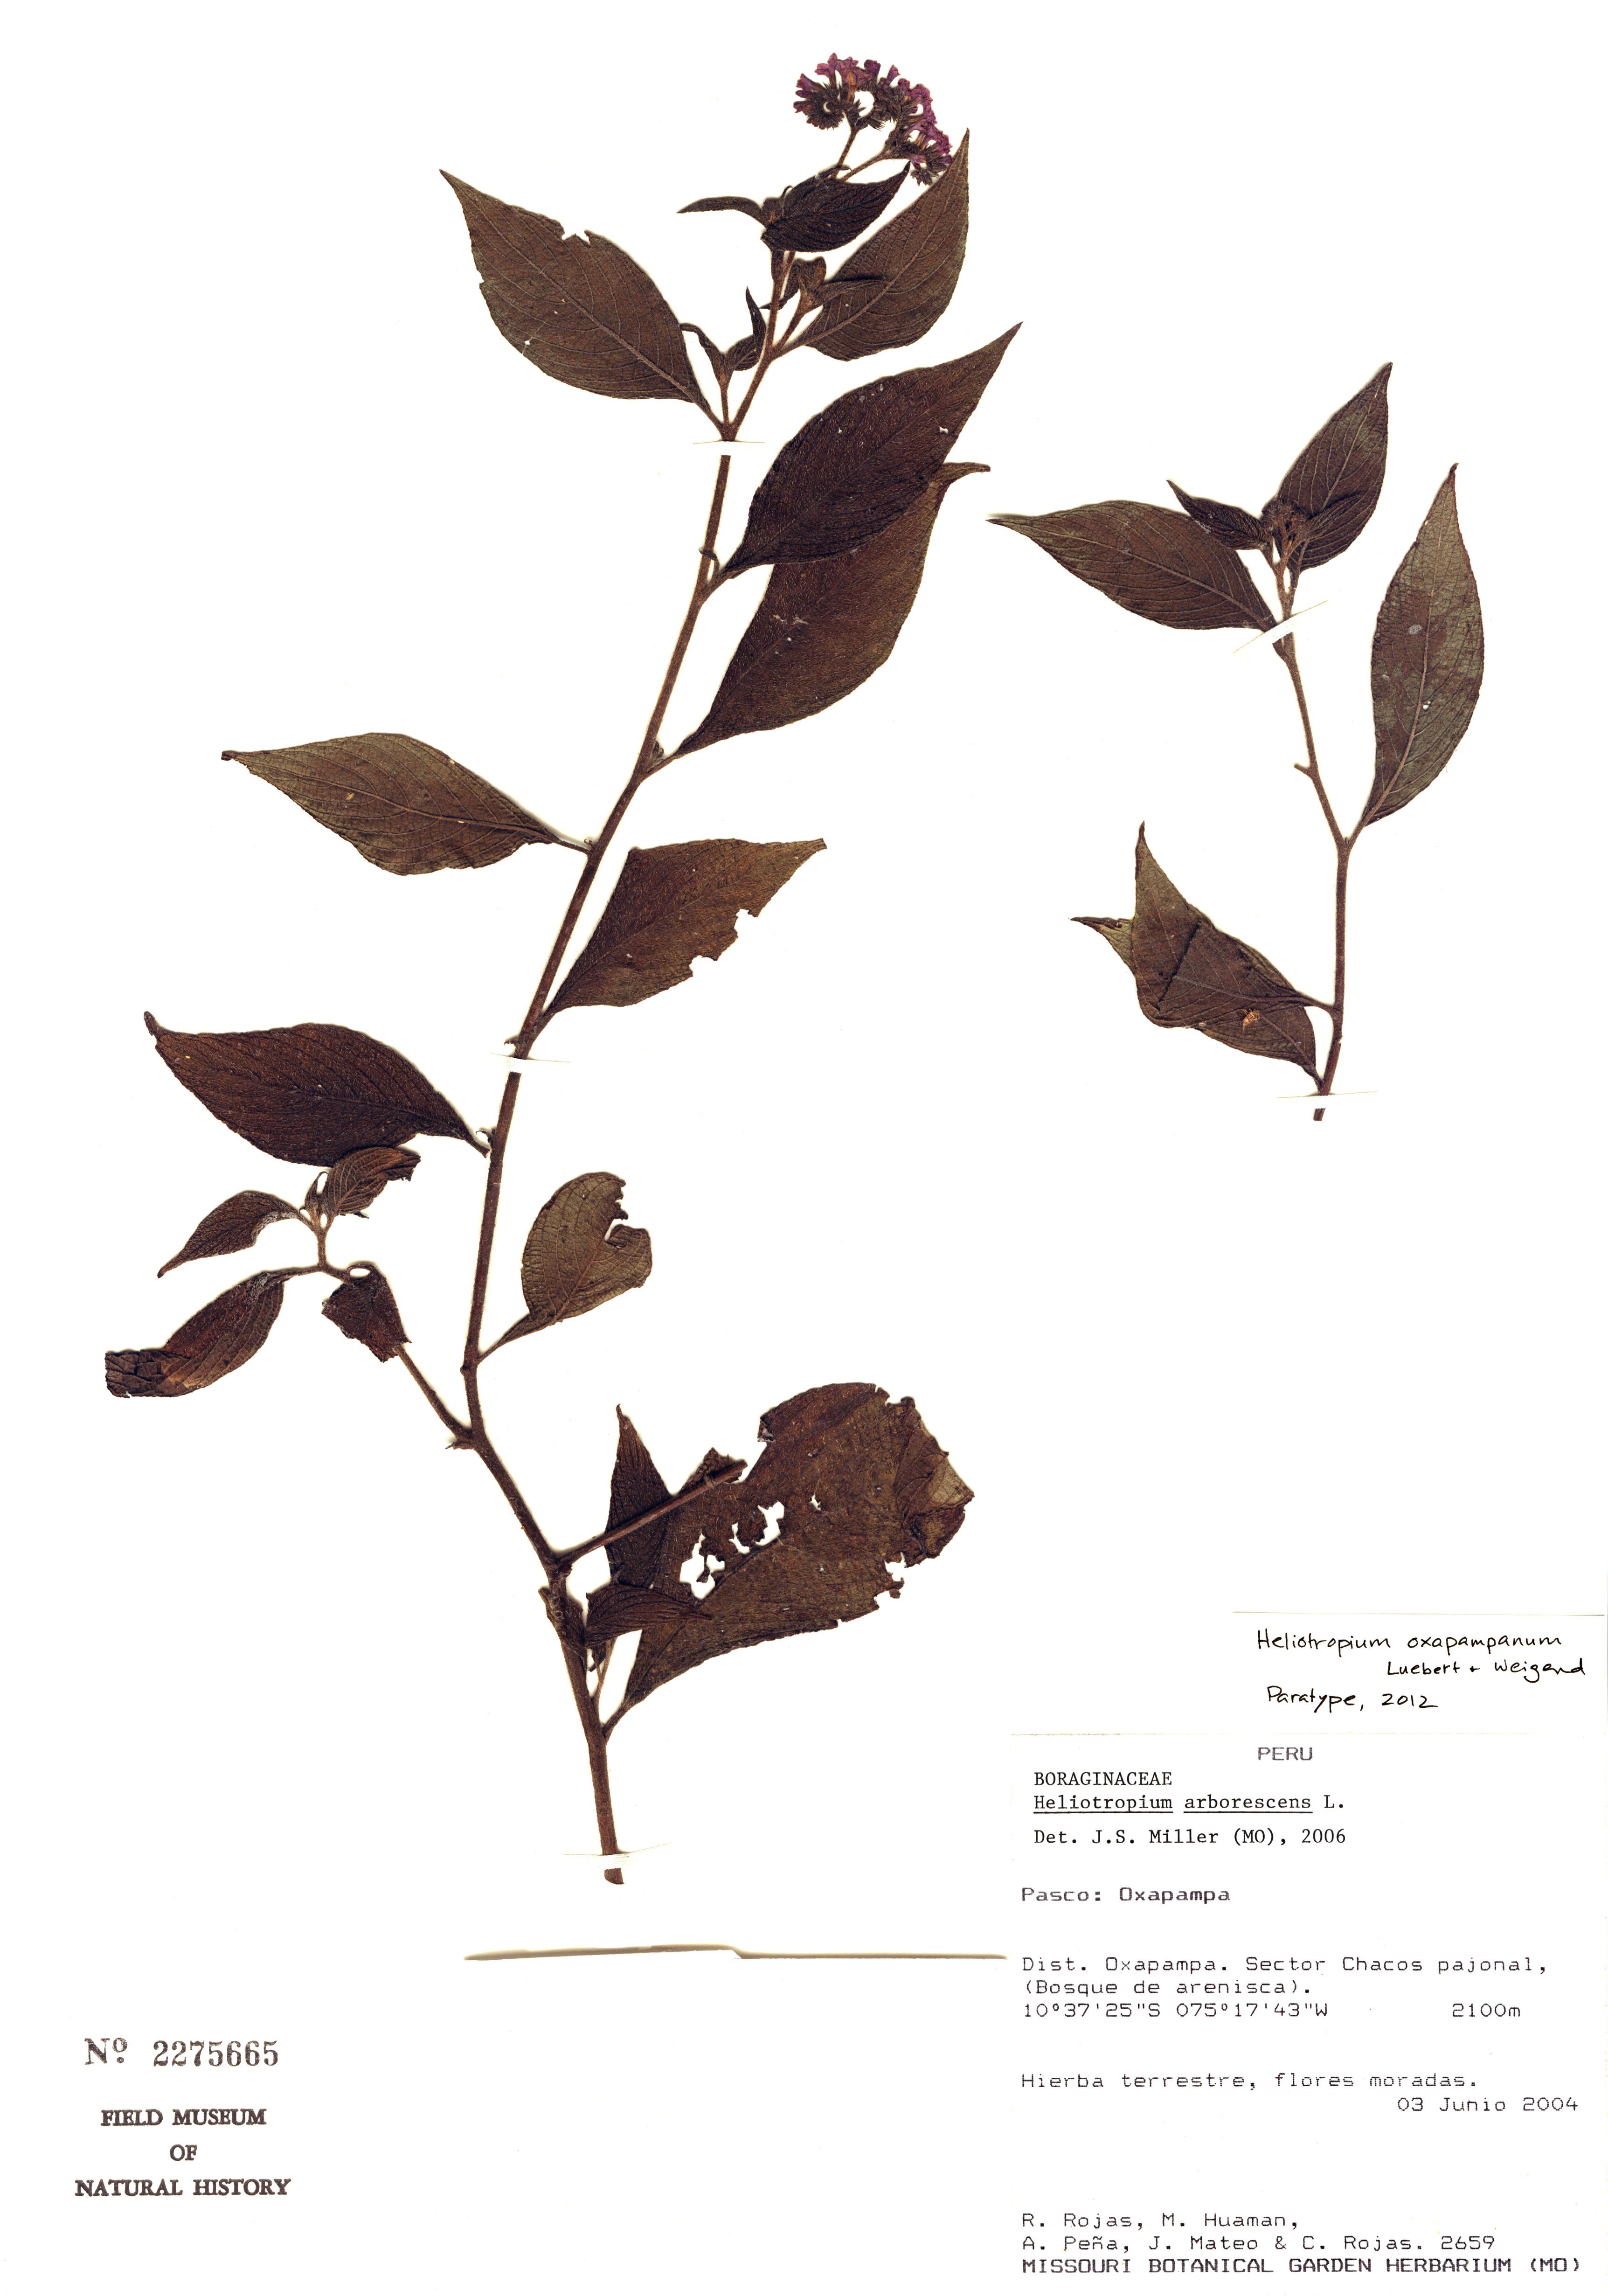 Specimen: Heliotropium oxapampanum